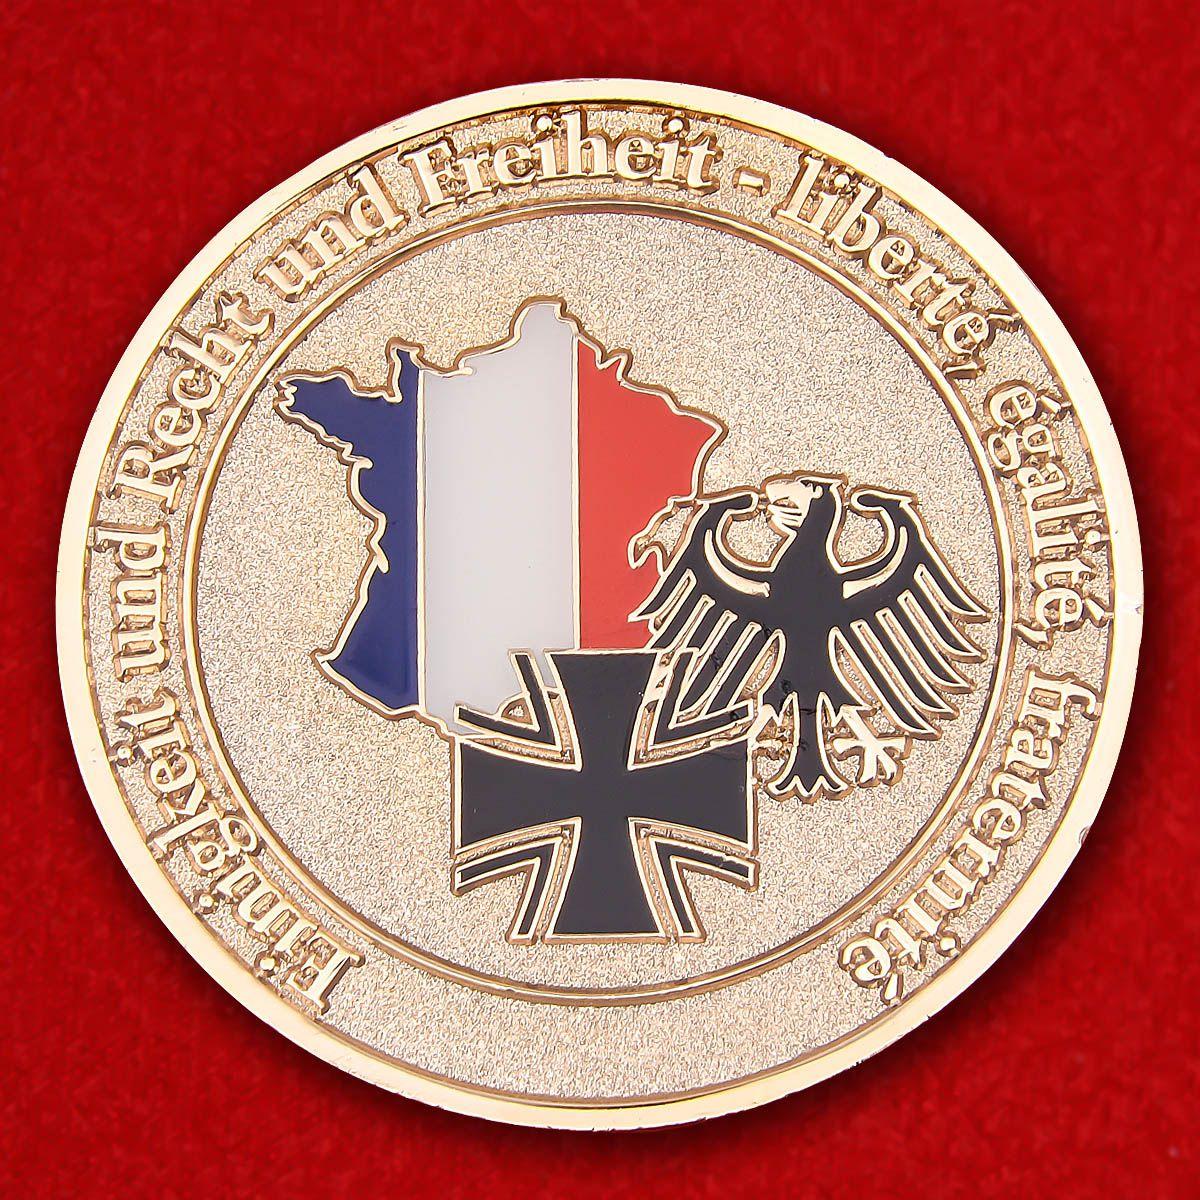 Челендж коин военного атташе при посольстве Германии в Париже